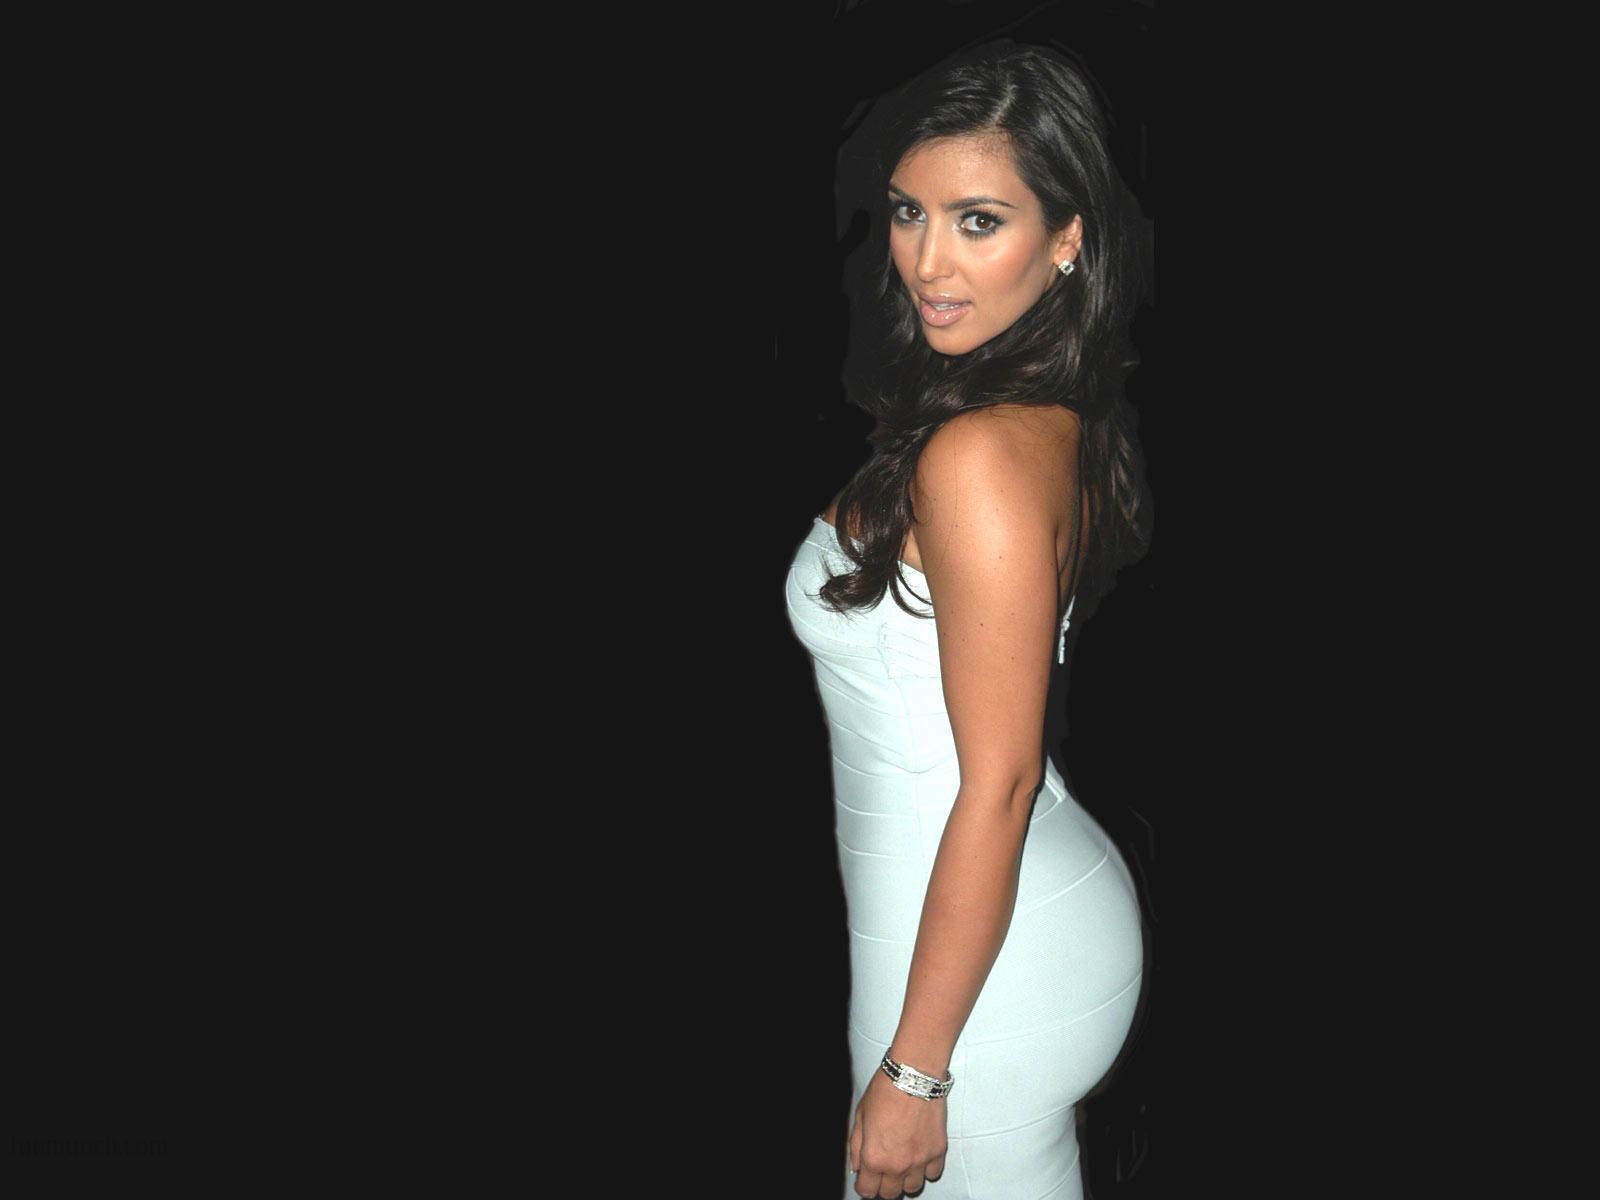 kim kardashian desktop wallpaper - photo #25